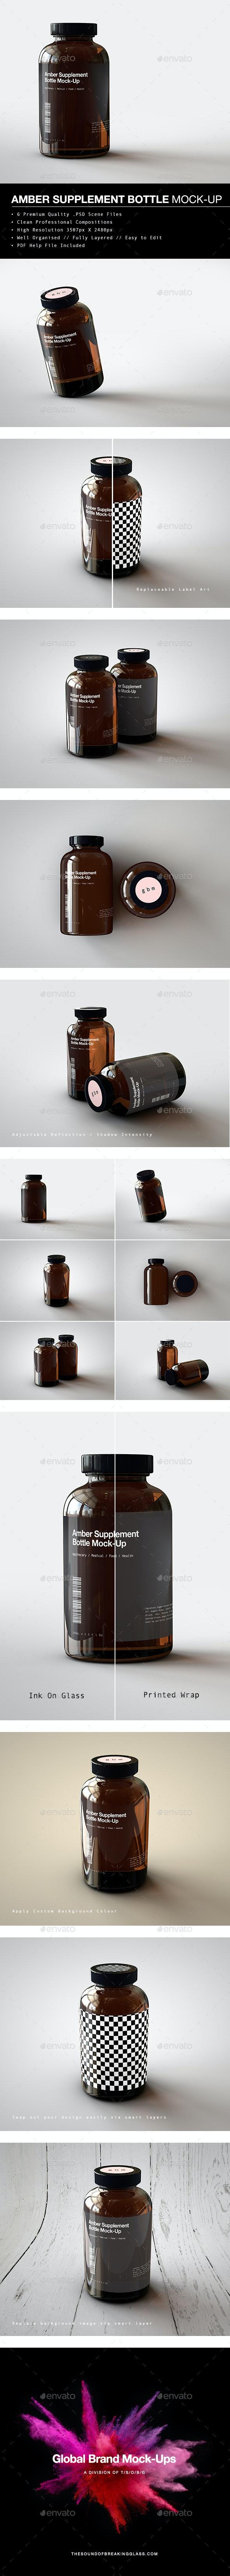 Amber Supplement Bottle | Vitamins Bottle Mock-Up